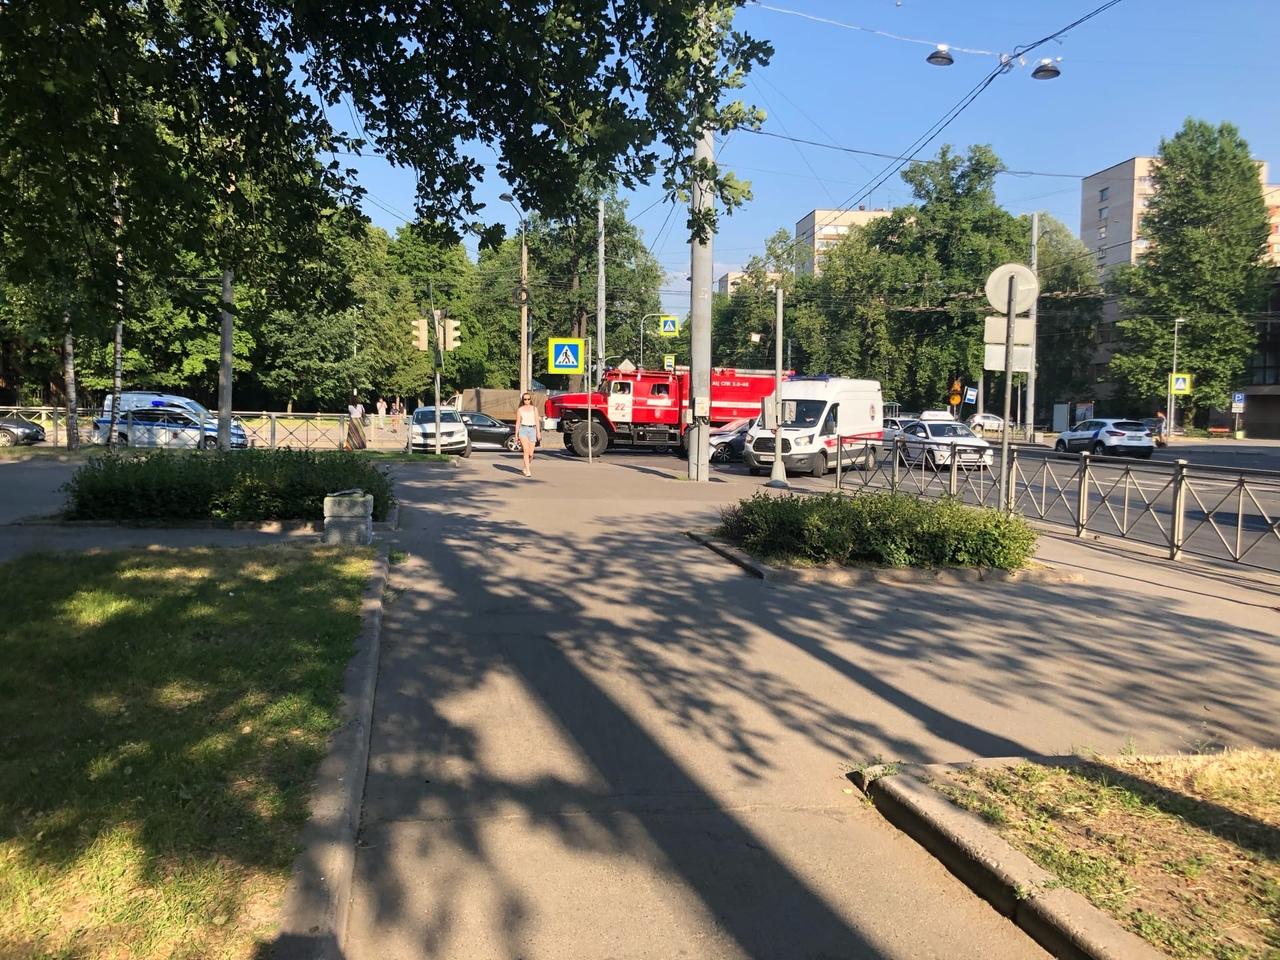 Три участника ДТП на перекрёстке Институтского и 2-Муринского. Ещё 2 часа назад светофор не работал...